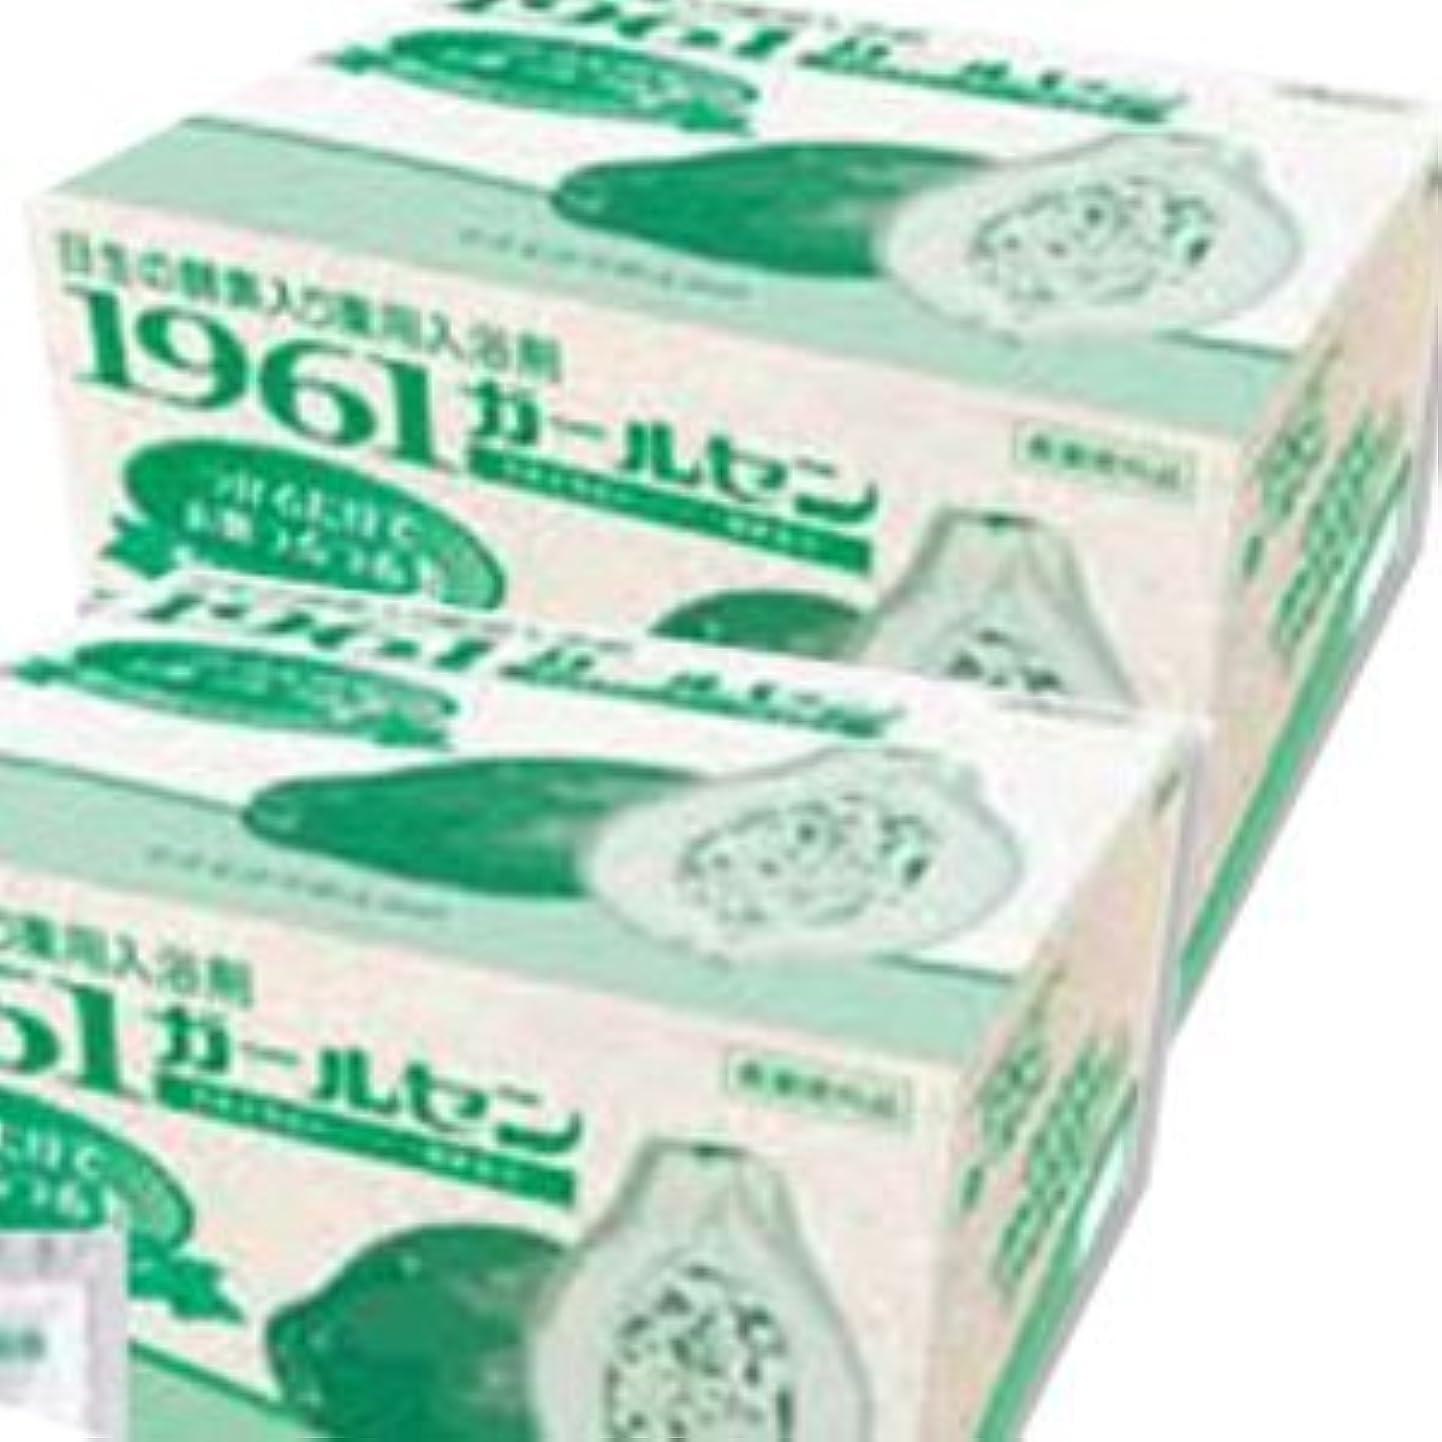 思われるキャンプ逃げる日本生化学 薬用入浴剤 1961ガールセン (20g×60包)×2箱 (医薬部外品)